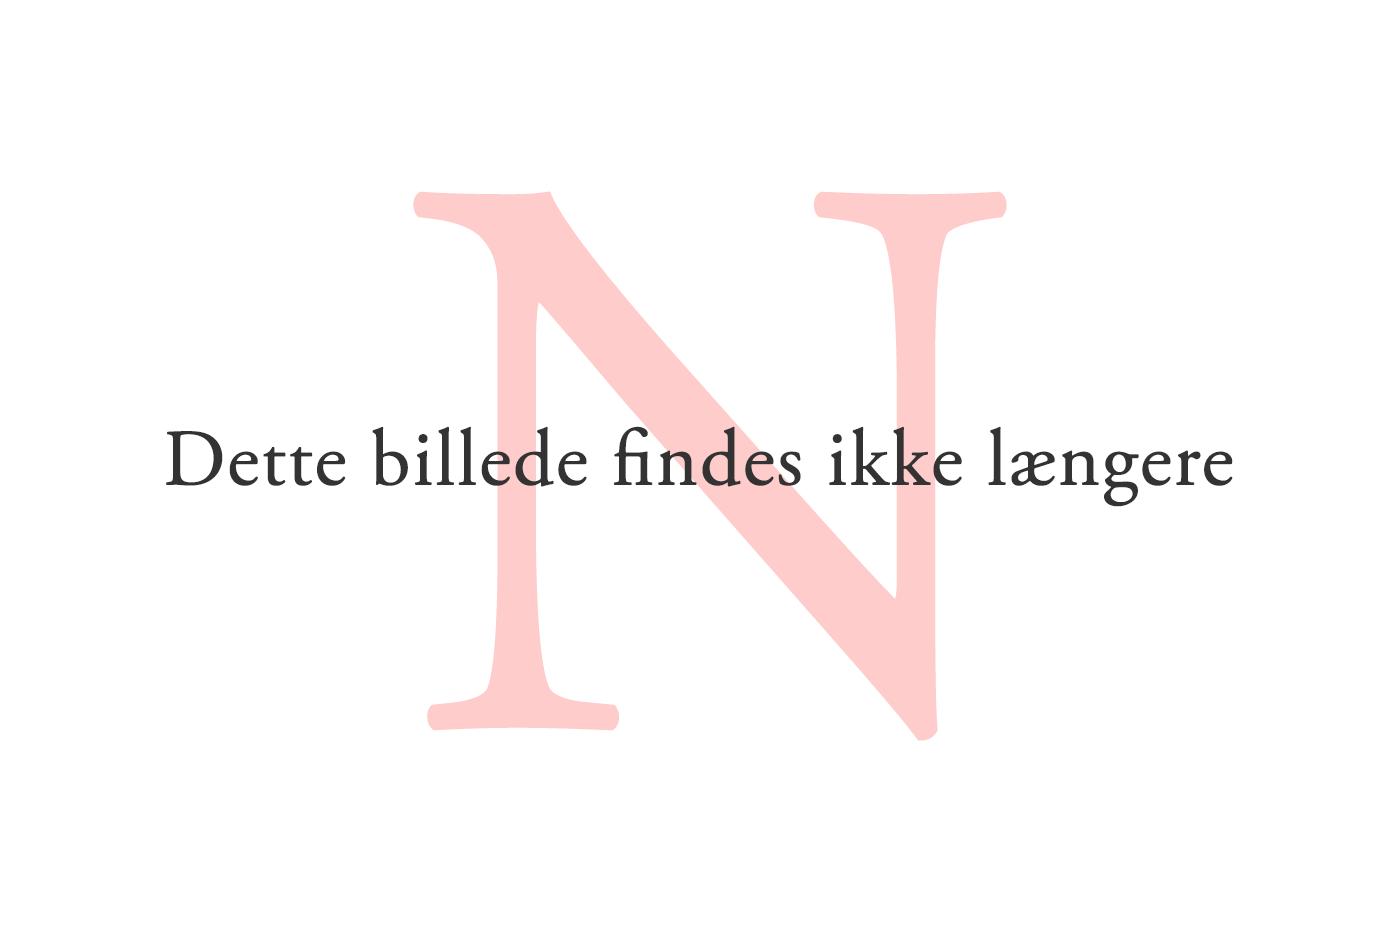 Det væltede ind med kommentarer på Knæk Cancers facebooksideFoto: Wikimedia